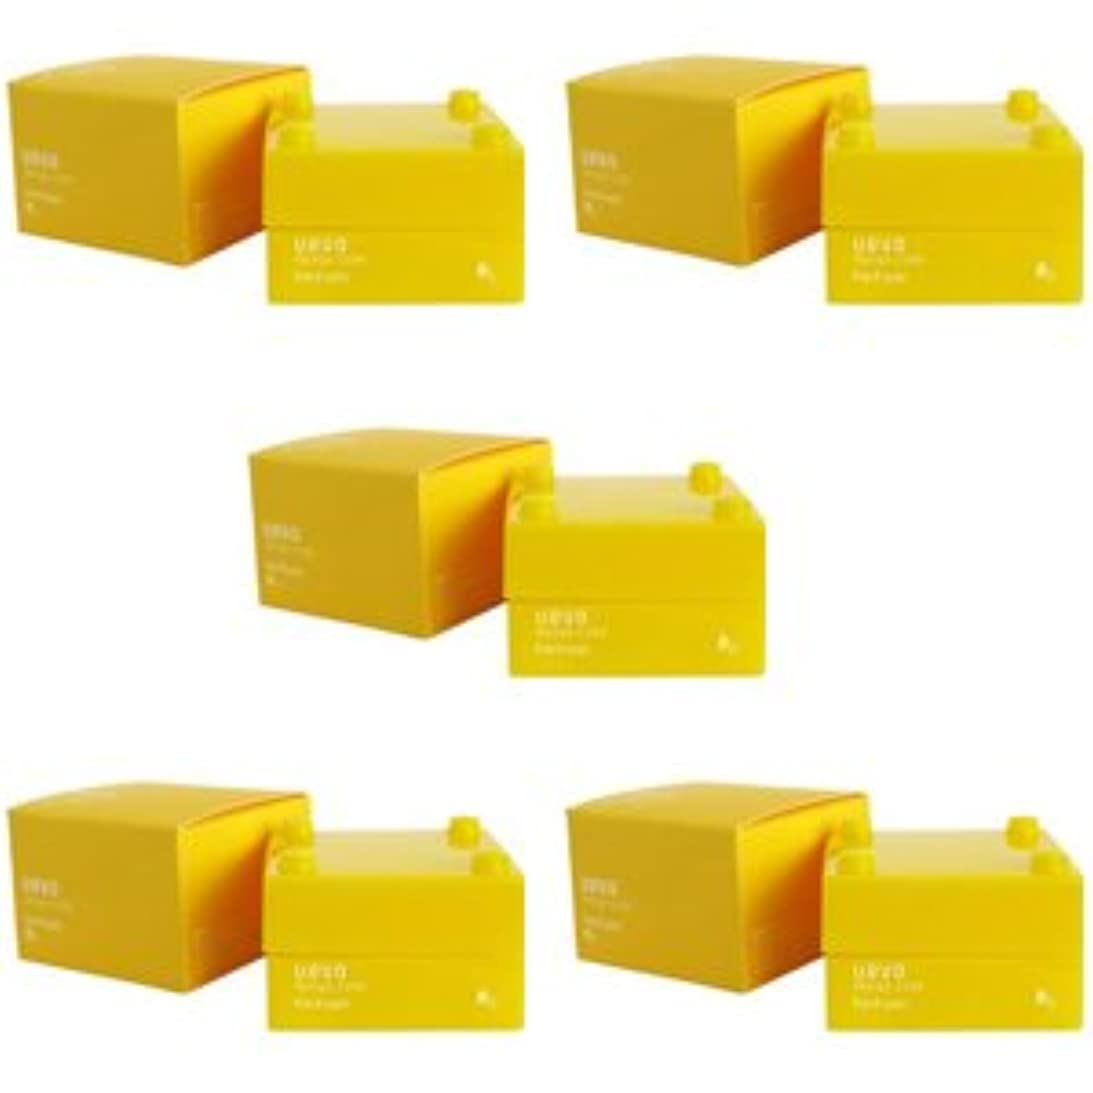 へこみ残る頭【X5個セット】 デミ ウェーボ デザインキューブ ハードワックス 30g hard wax DEMI uevo design cube